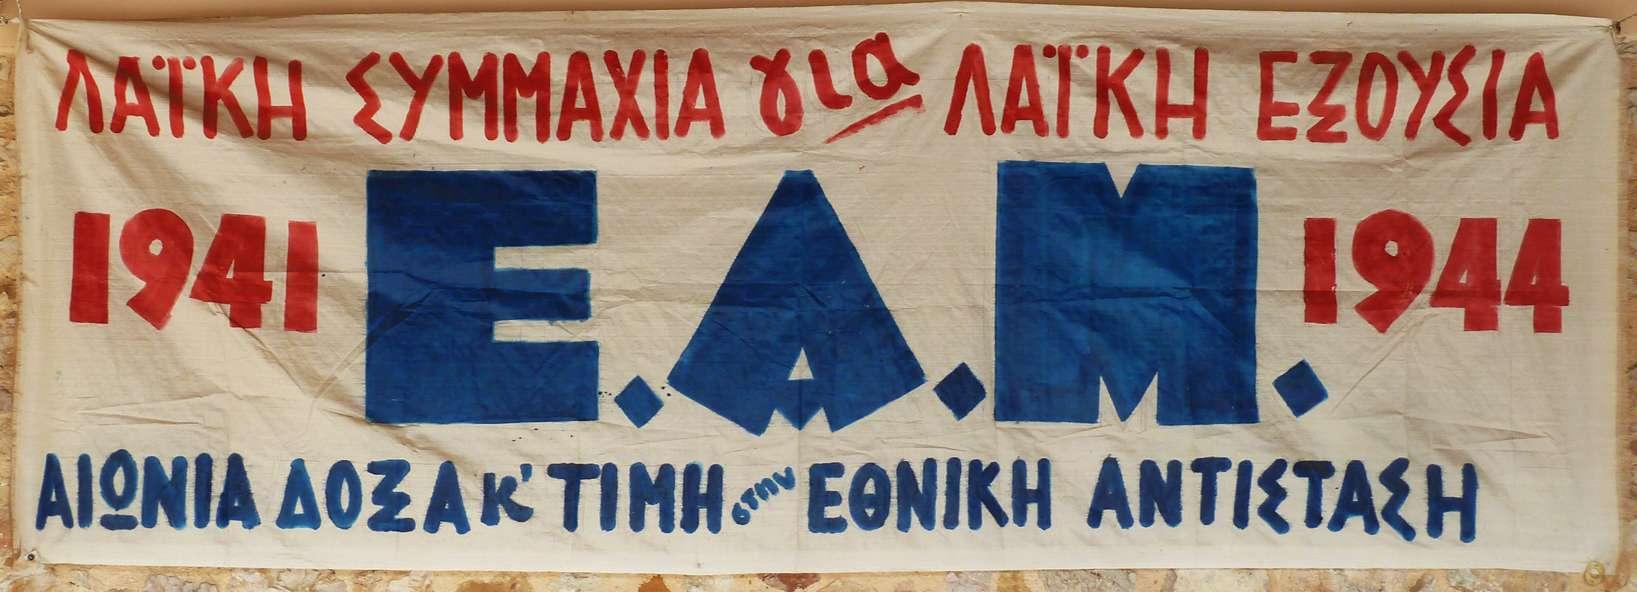 ΕΑΜ - Λαϊκή Συμμαχία για Λαϊκή Εξουσία